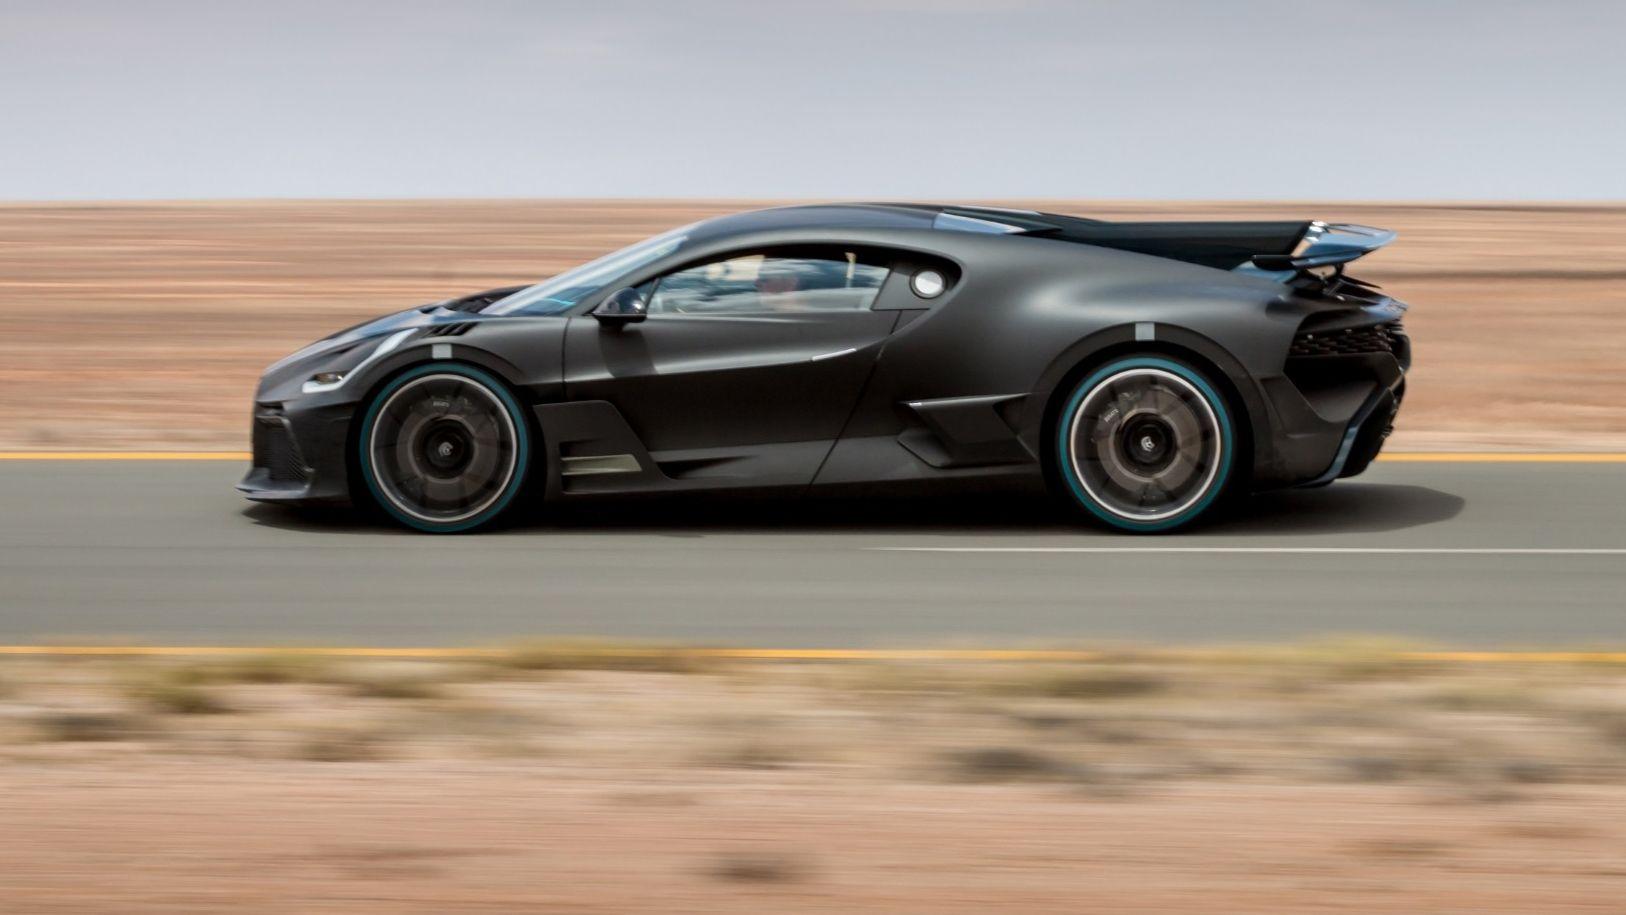 Gallery 2020 Bugatti Divo